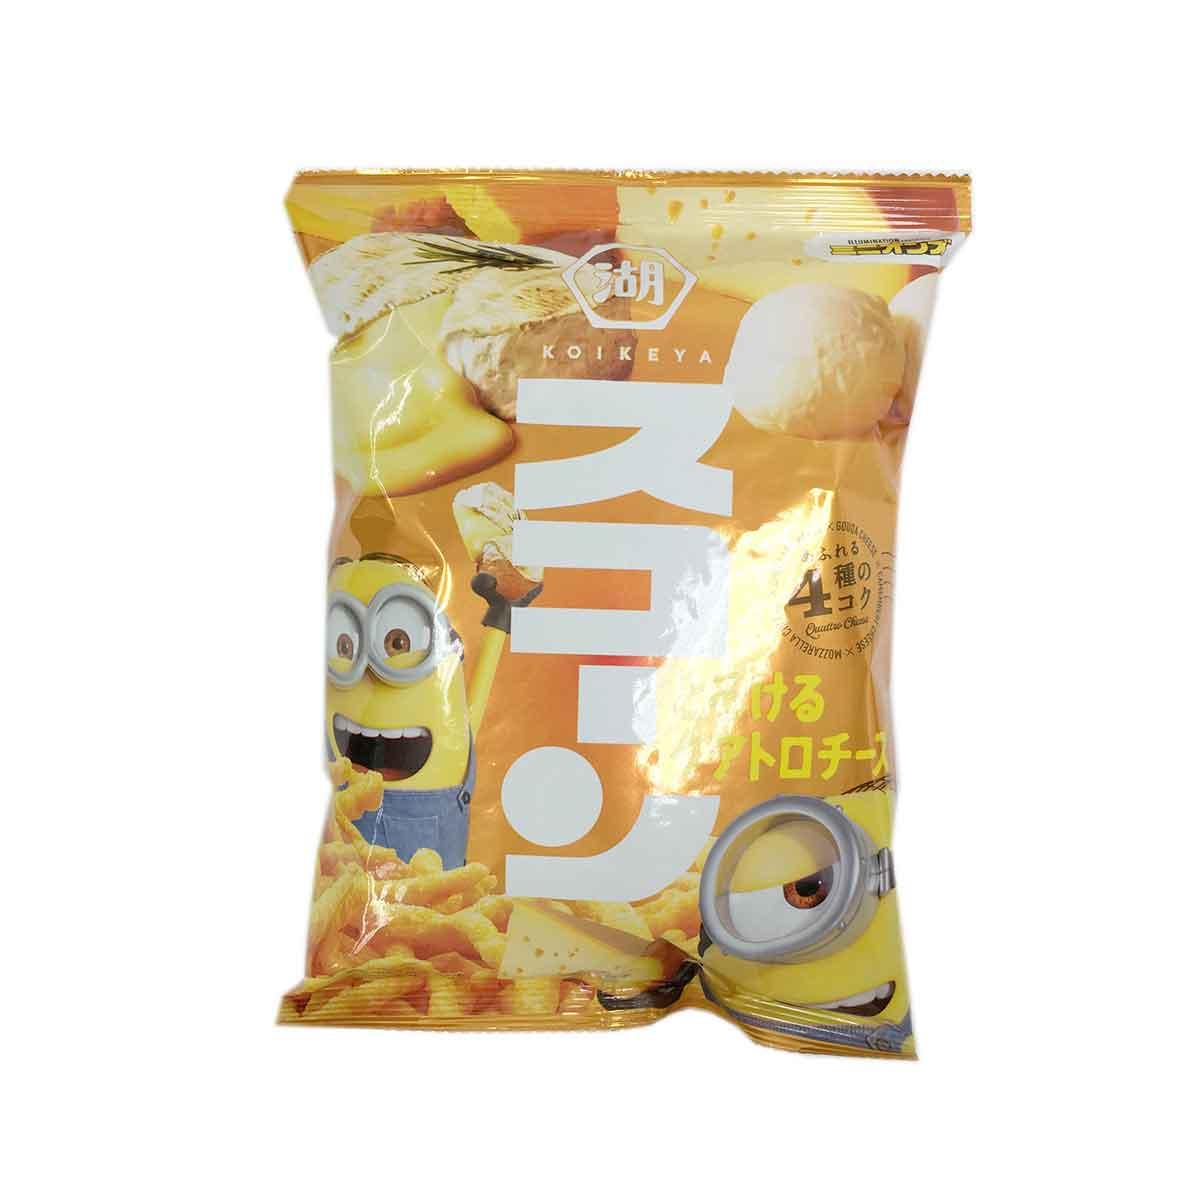 起司風味玉米棒 日本 湖池屋 餅乾 日本製造進口